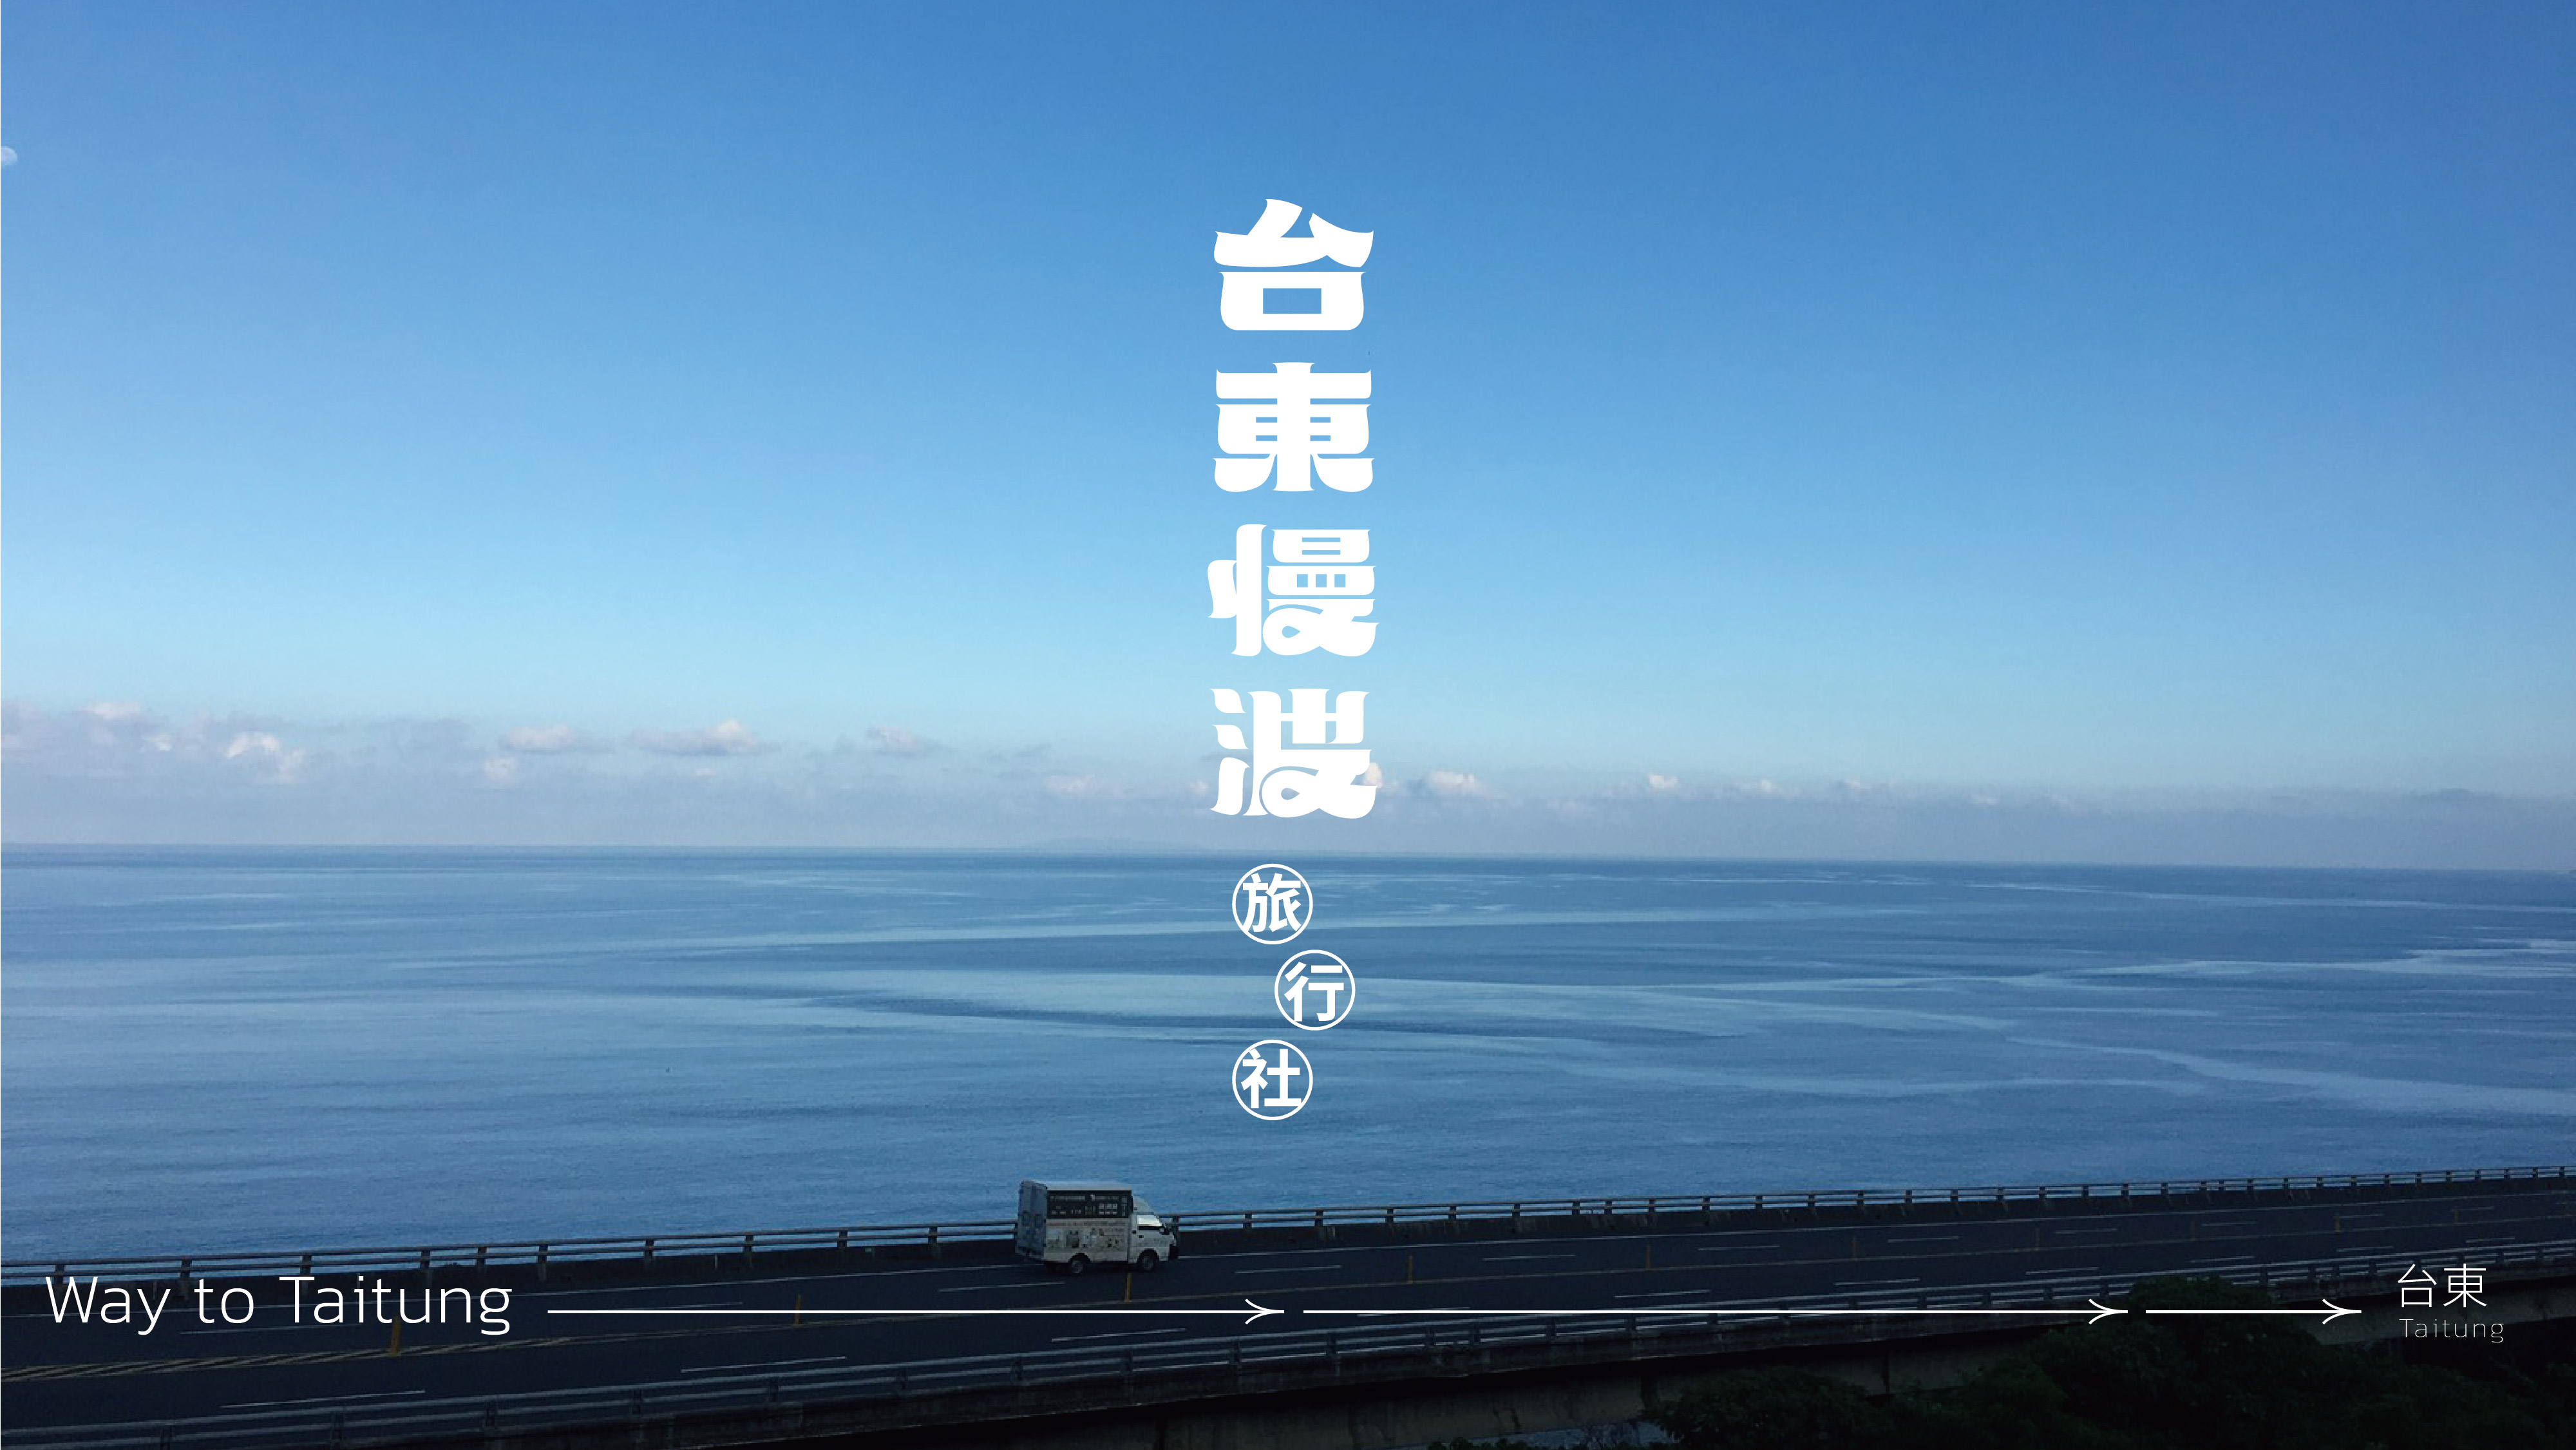 ▎一路向東 Way To Taitung — 跟著聲音旅行 走一趟想念的台東光景